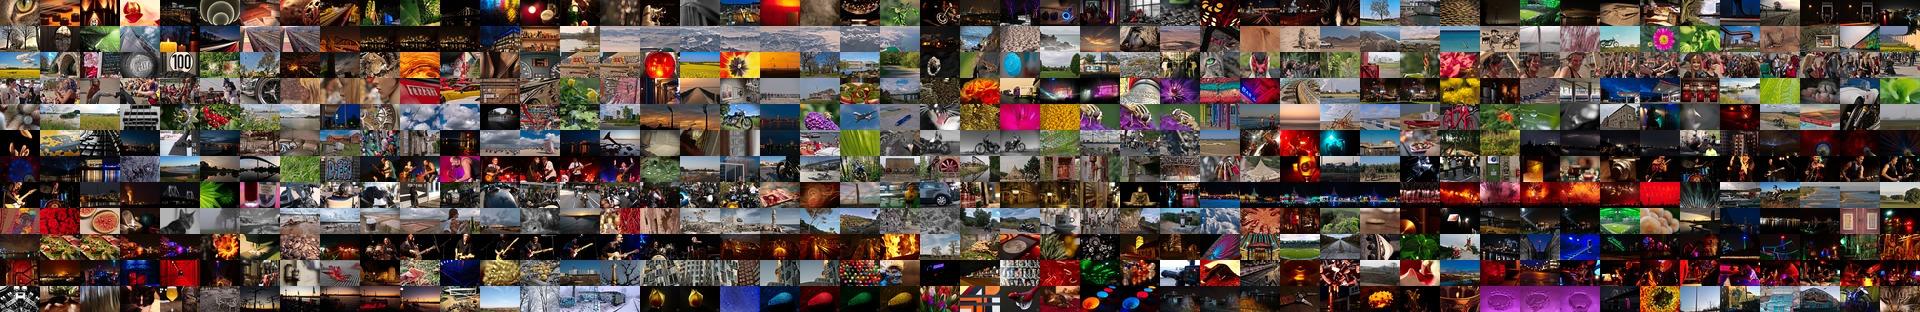 365 Bilder in 365 Tagen